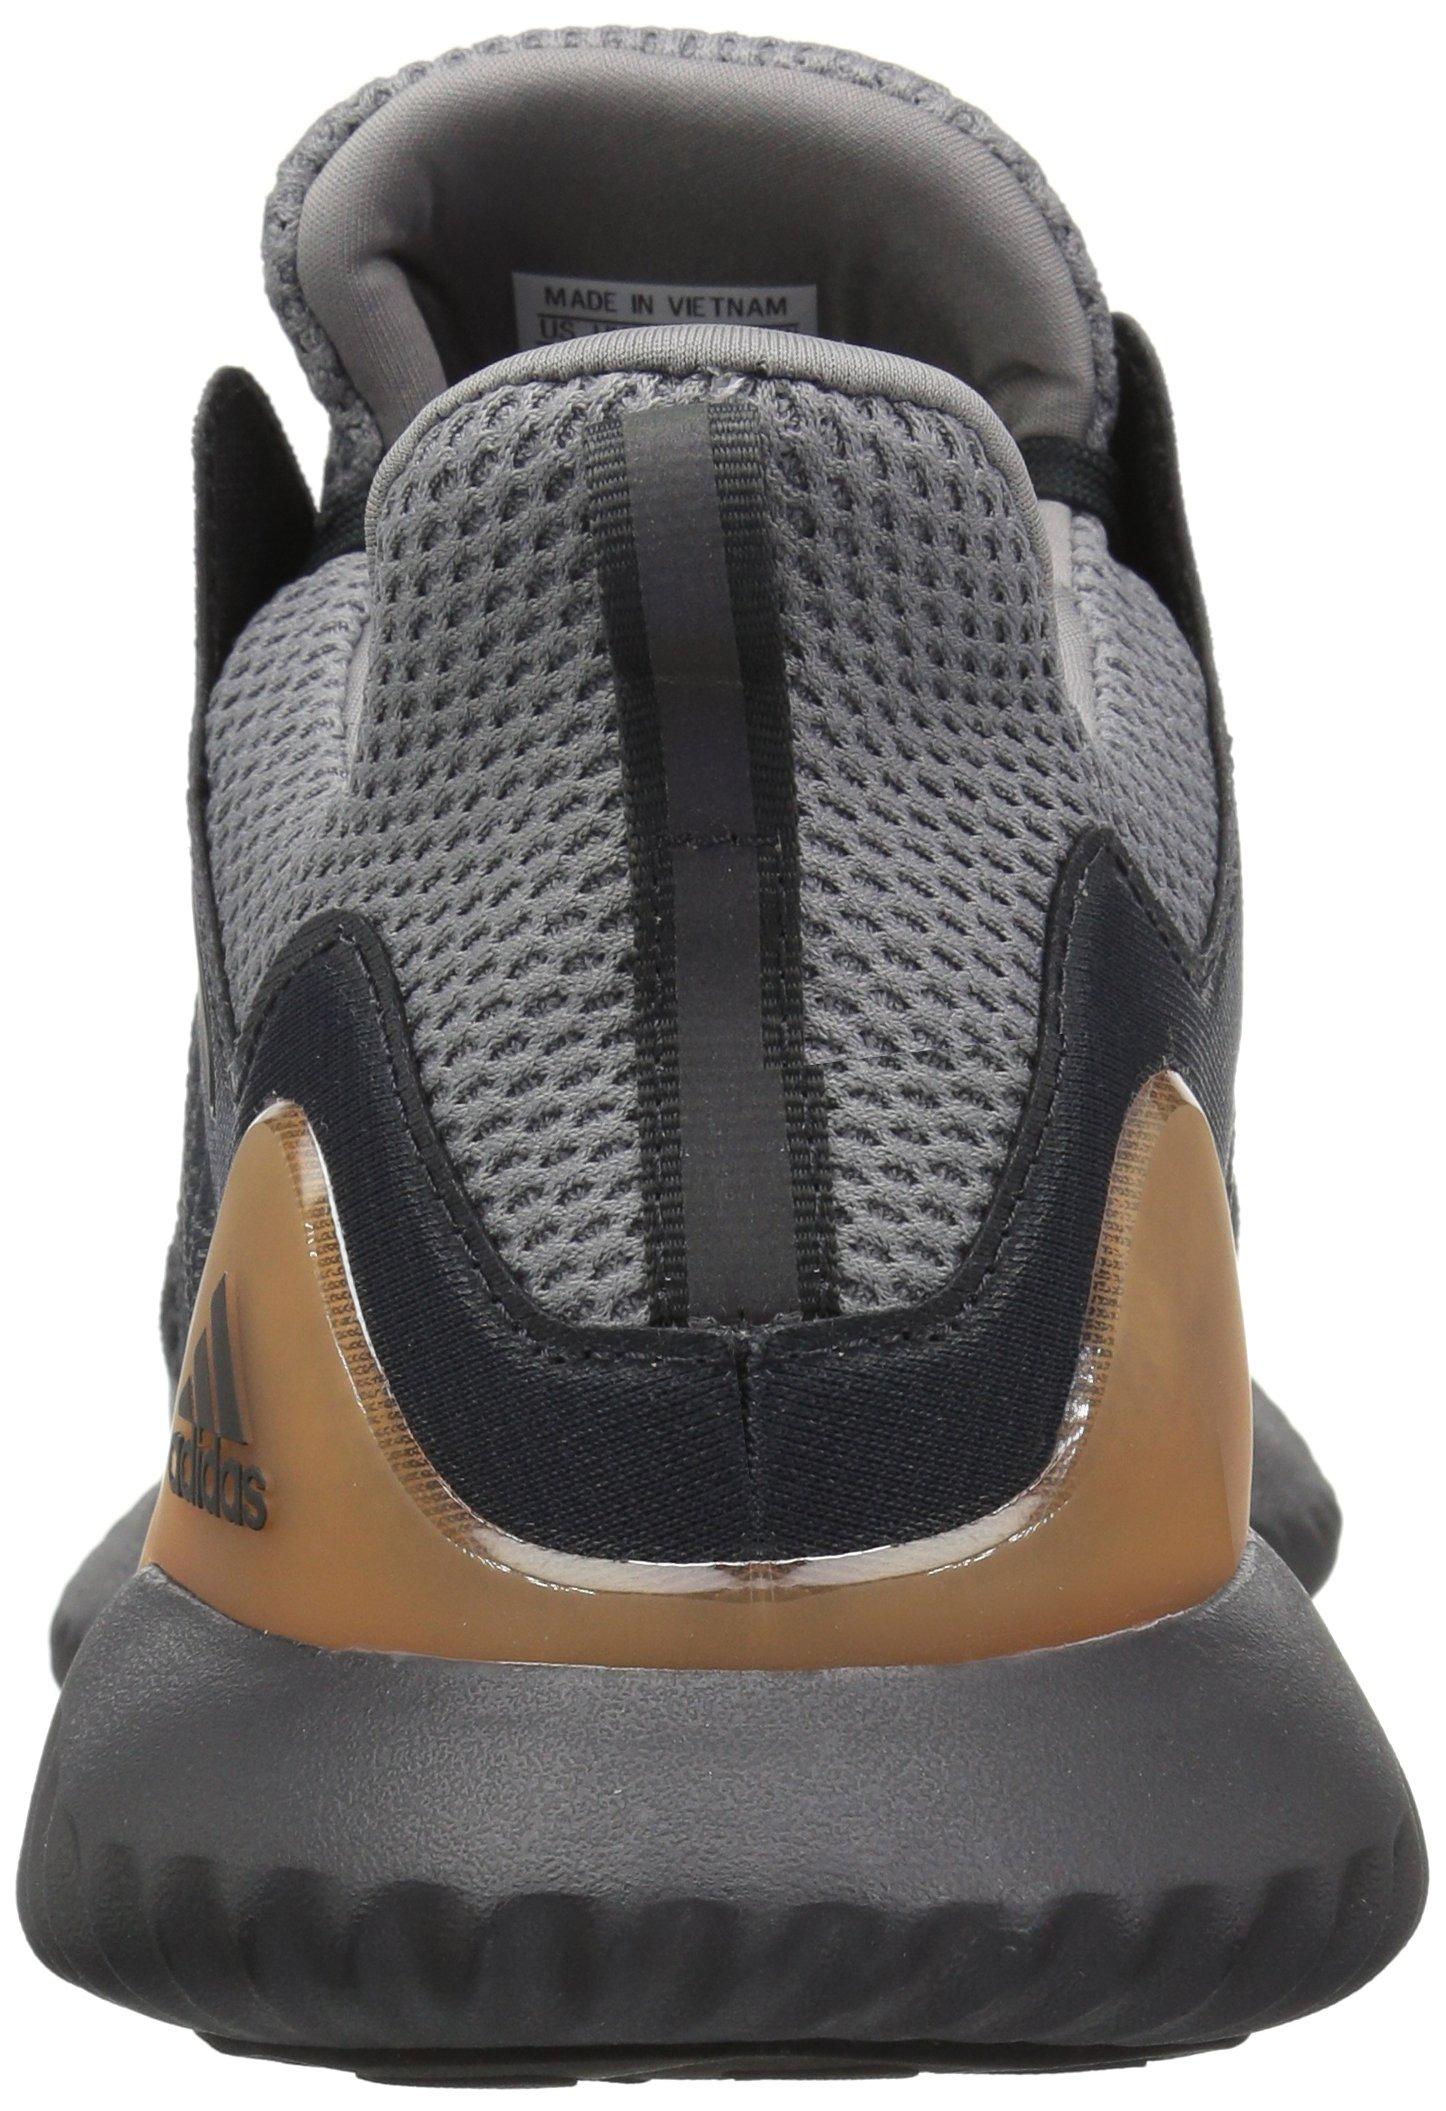 adidas Alphabounce 2 m, Grey Four/Carbon/Dark Solid Grey, 6.5 Medium US by adidas (Image #2)